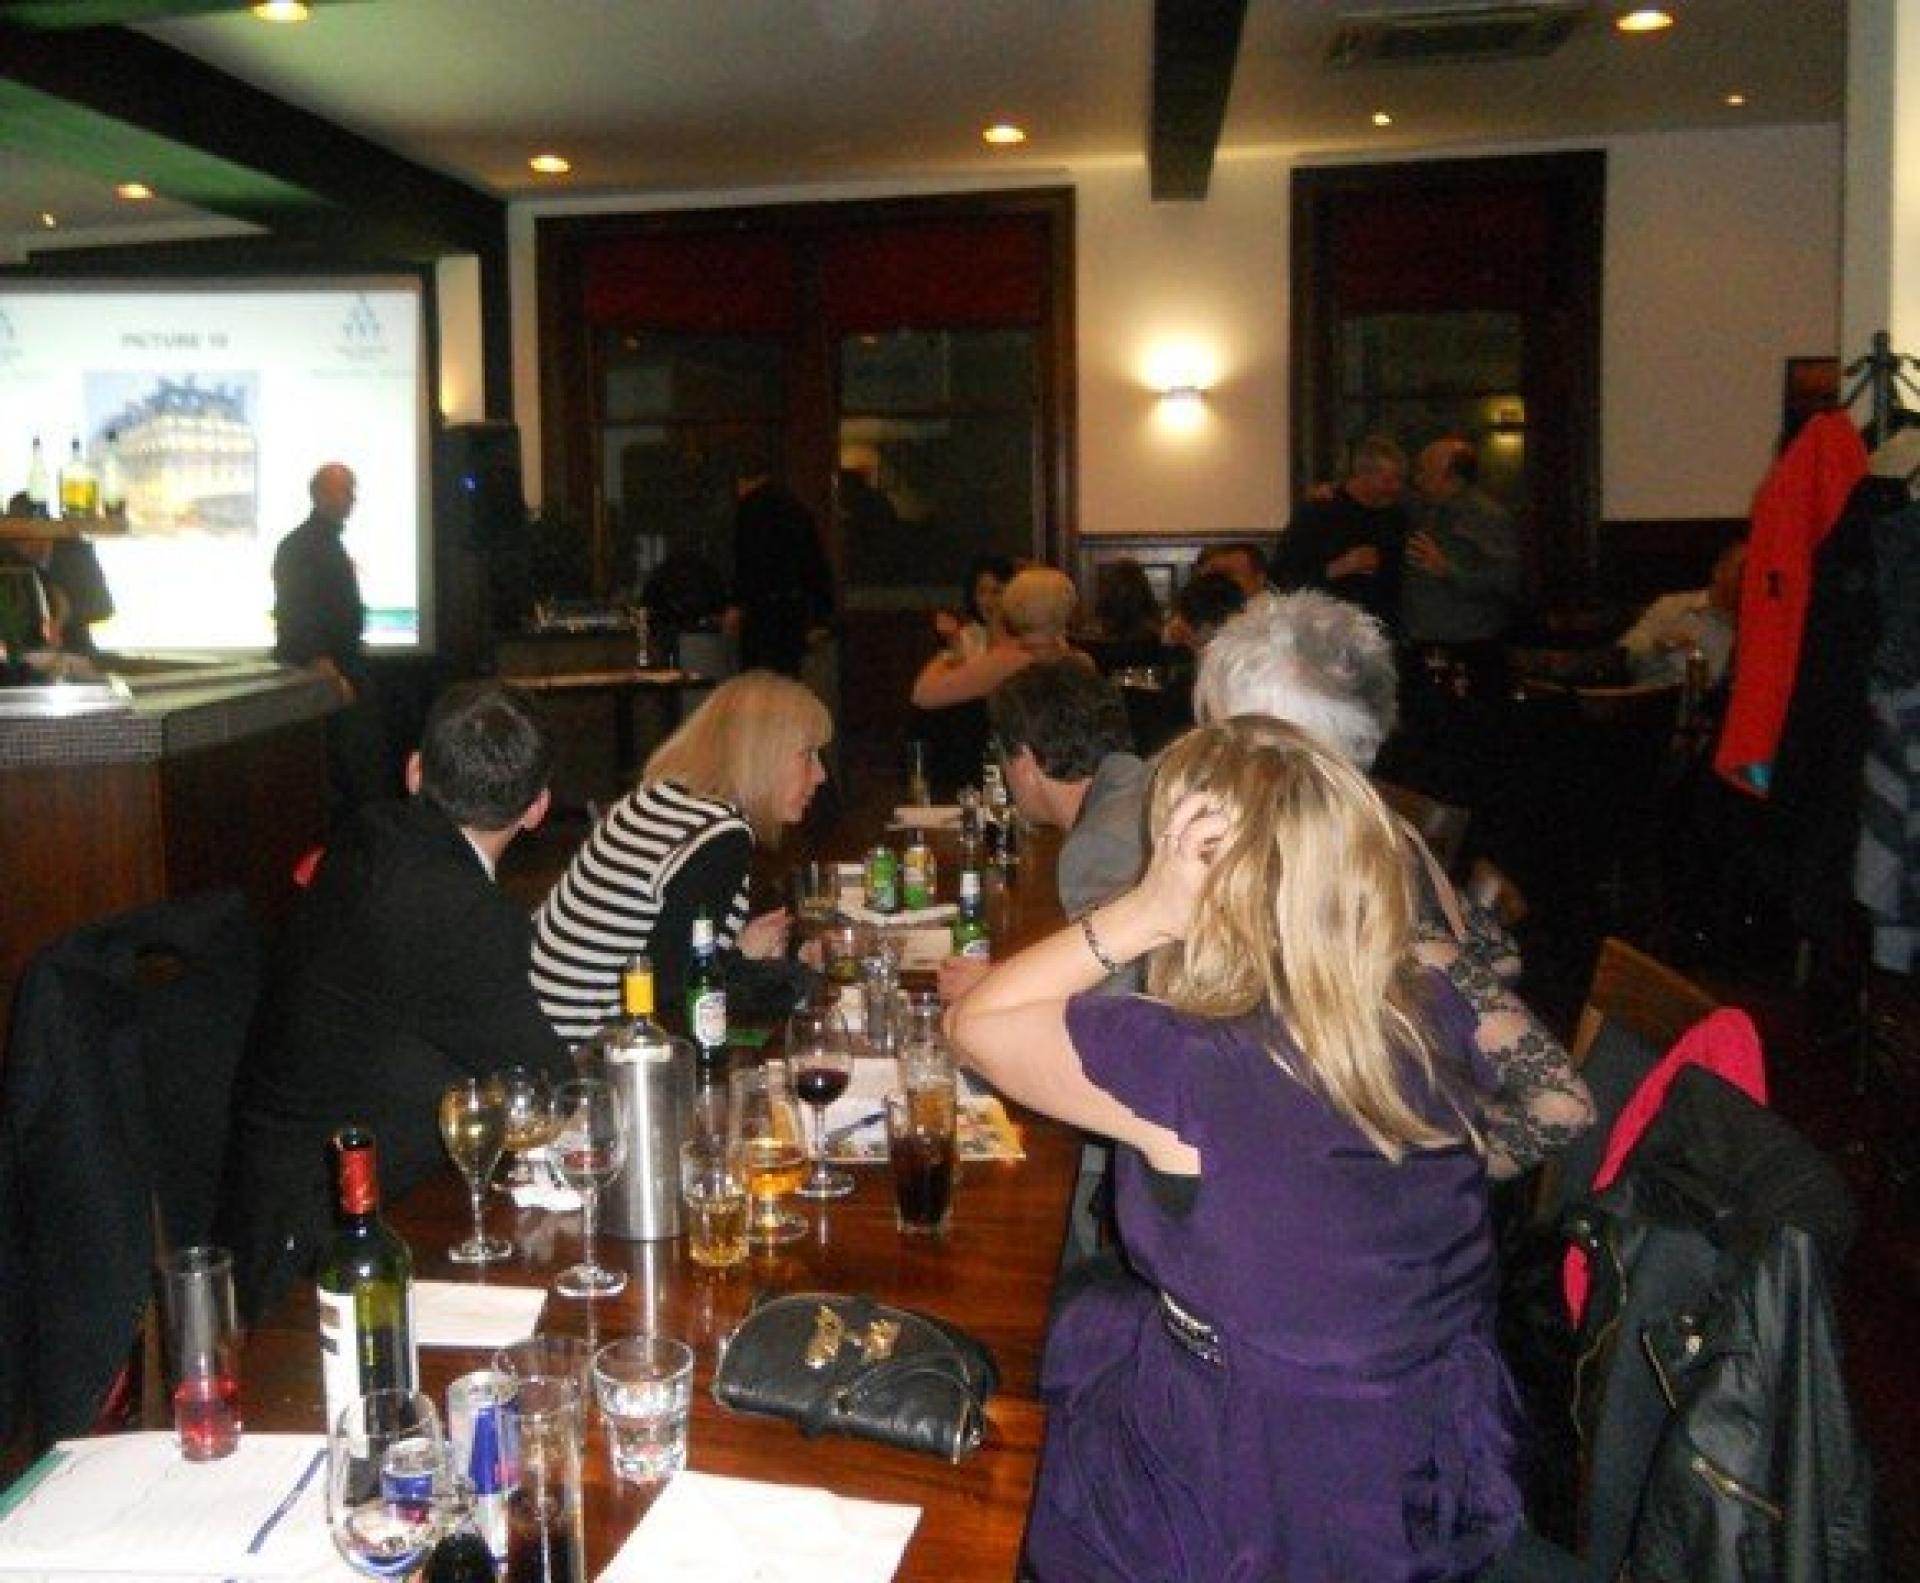 Evening Entertainment Aberdeen February 2012